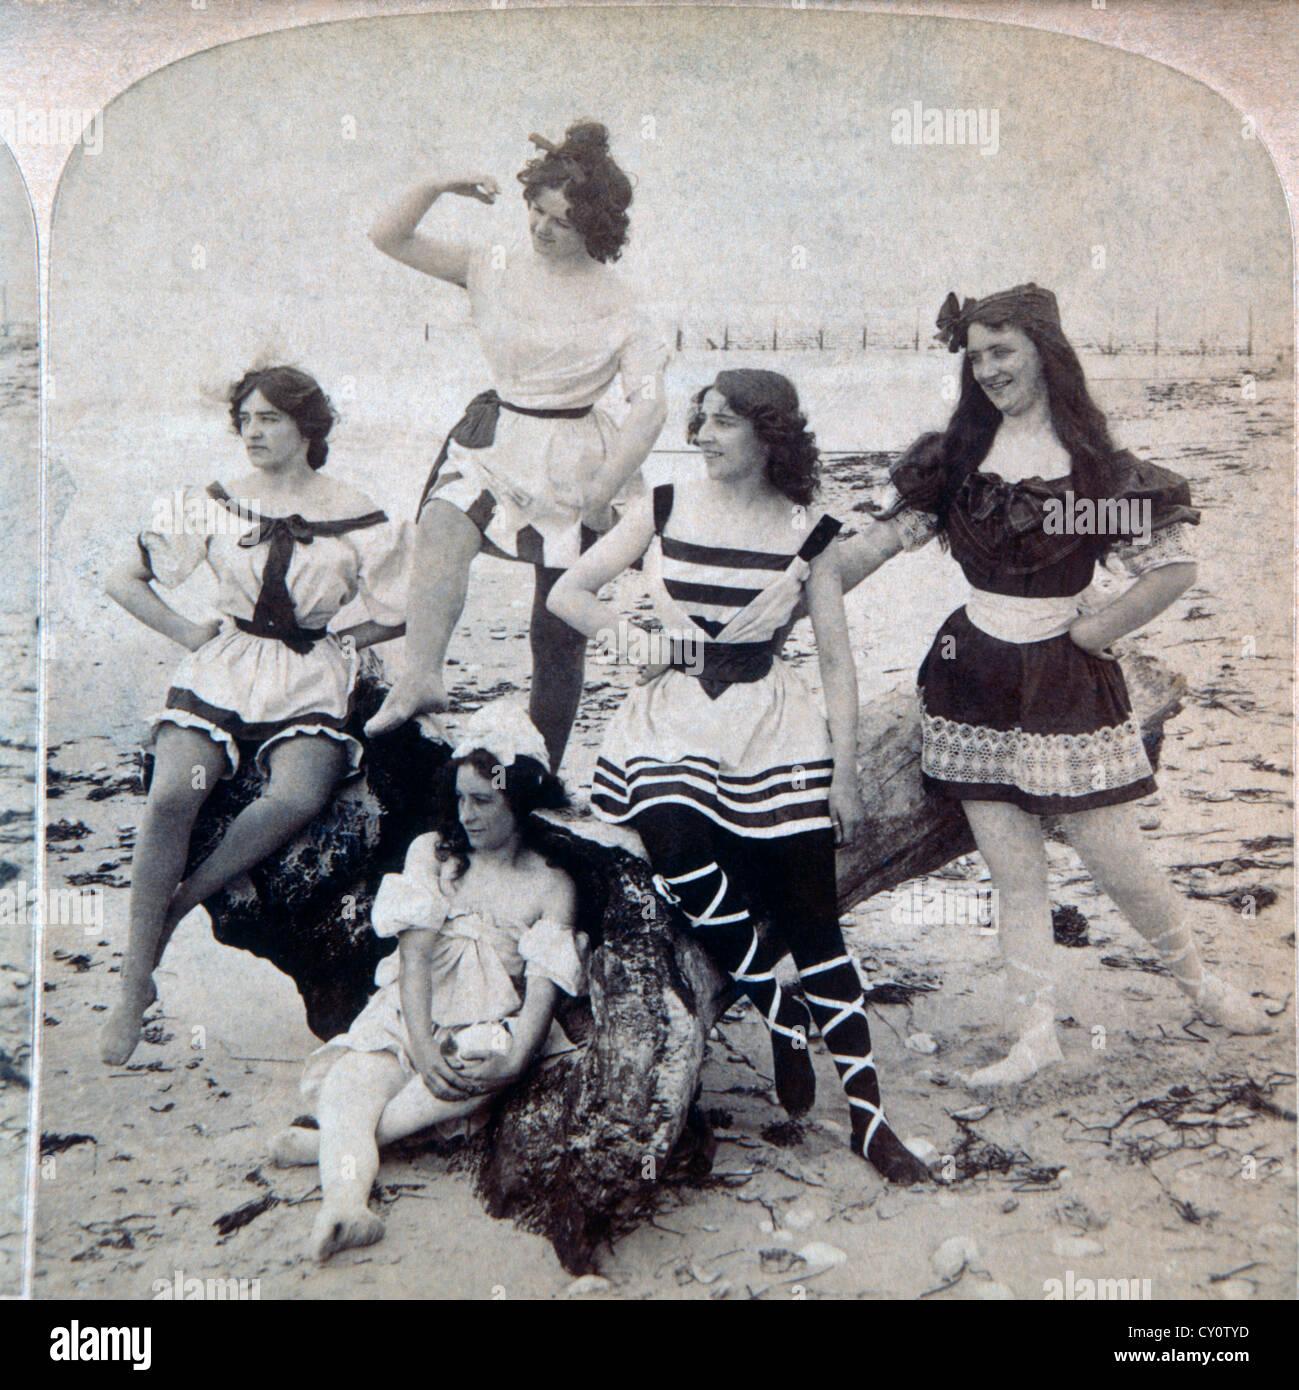 Cinque donne a Beach STATI UNITI D'AMERICA, Stereo albume fotografia, circa 1897 Foto Stock